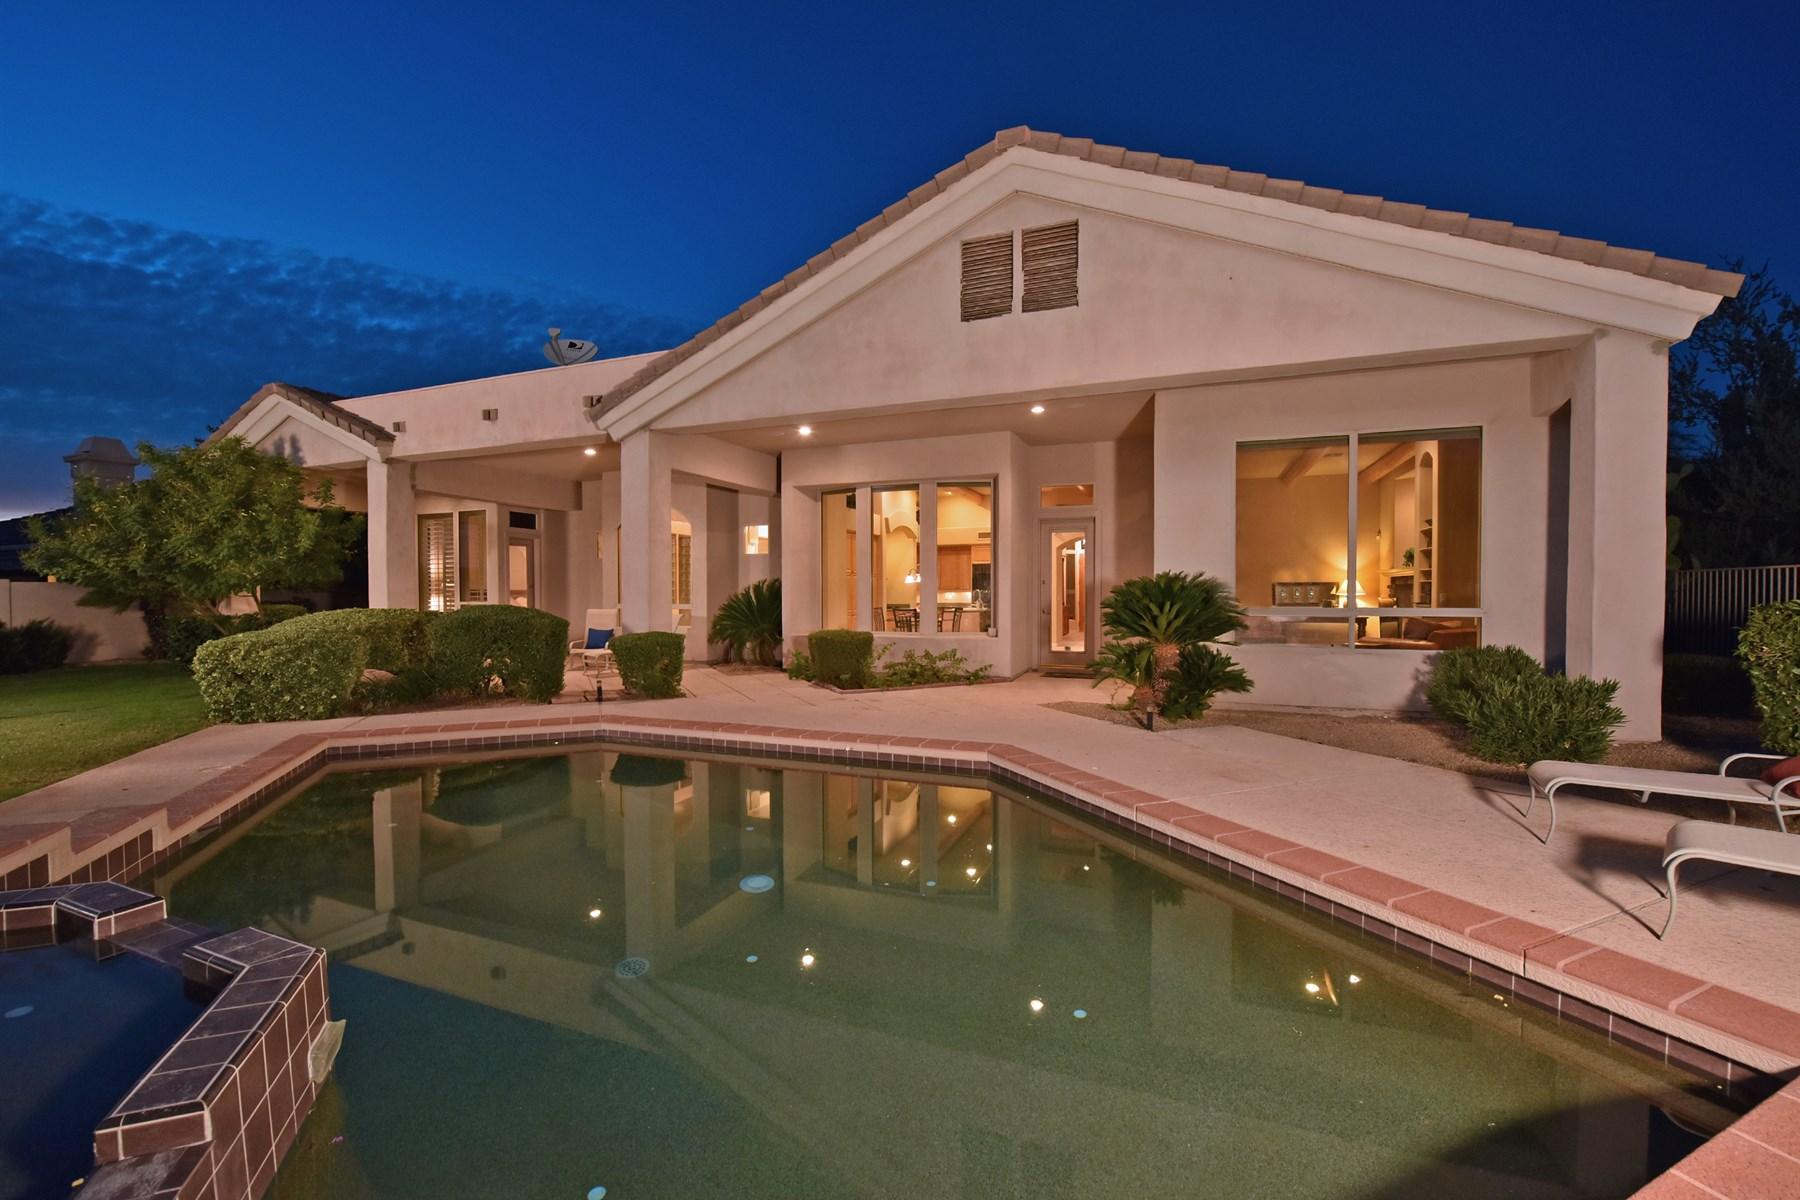 Частный односемейный дом для того Продажа на Great find at Saguaro Canyon in Troon Village on prime interior corner lot 11947 E Parkview Ln Scottsdale, Аризона, 85255 Соединенные Штаты